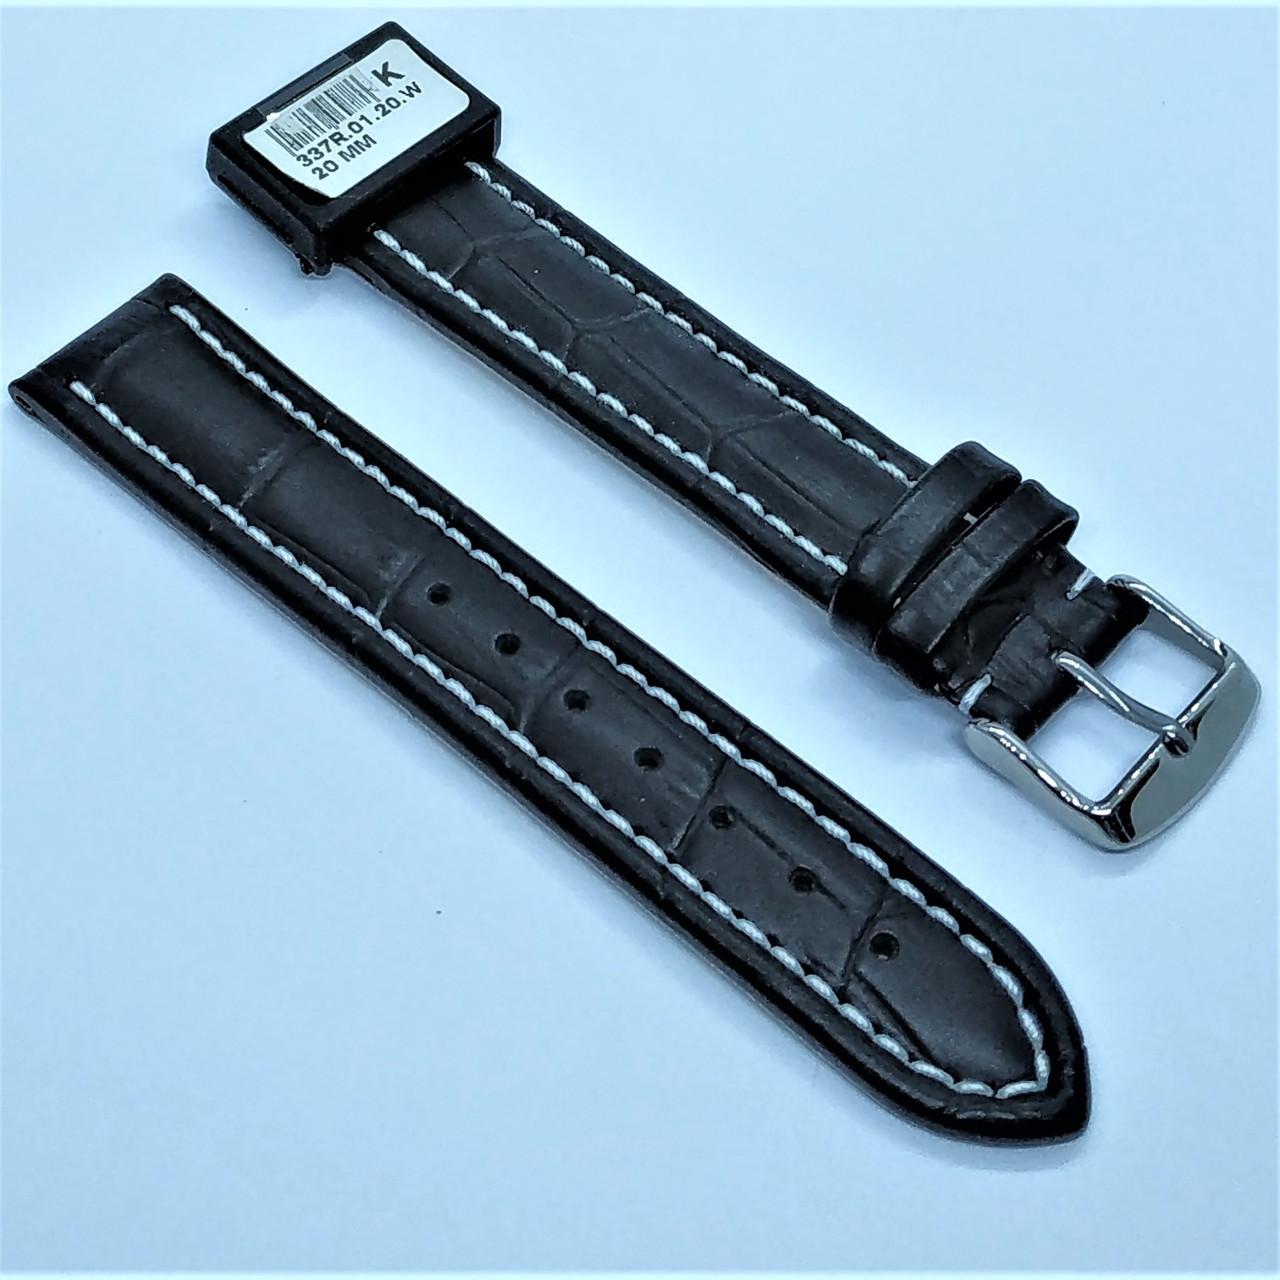 20 мм Кожаный Ремешок для часов CONDOR 337.20.01 Черный Ремешок на часы из Натуральной кожи